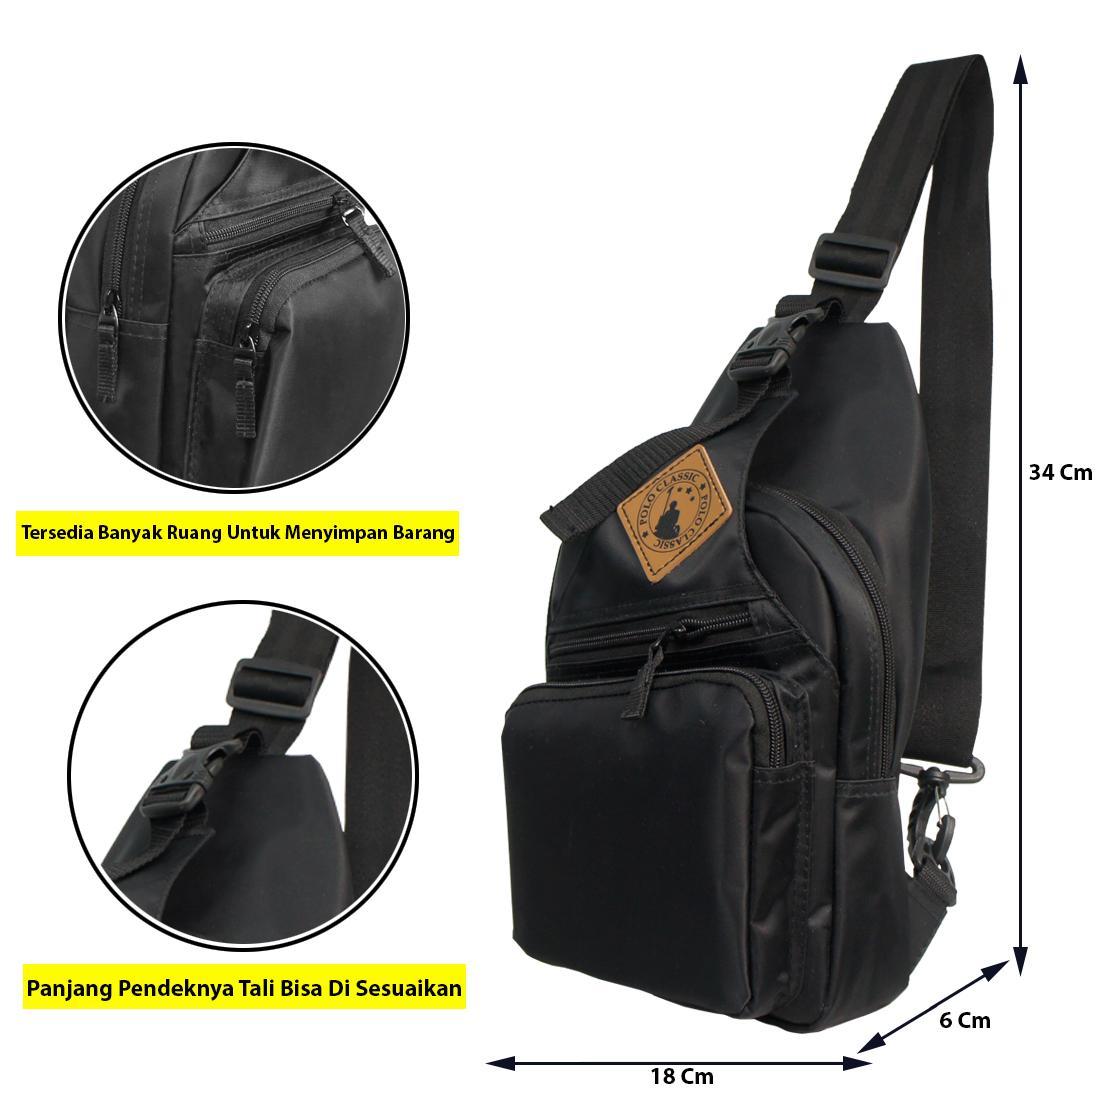 Tas Polo Classic Terbaru Termurah Selempang Dada Chest Bag 002 Hi 346 Black Pria Wanita